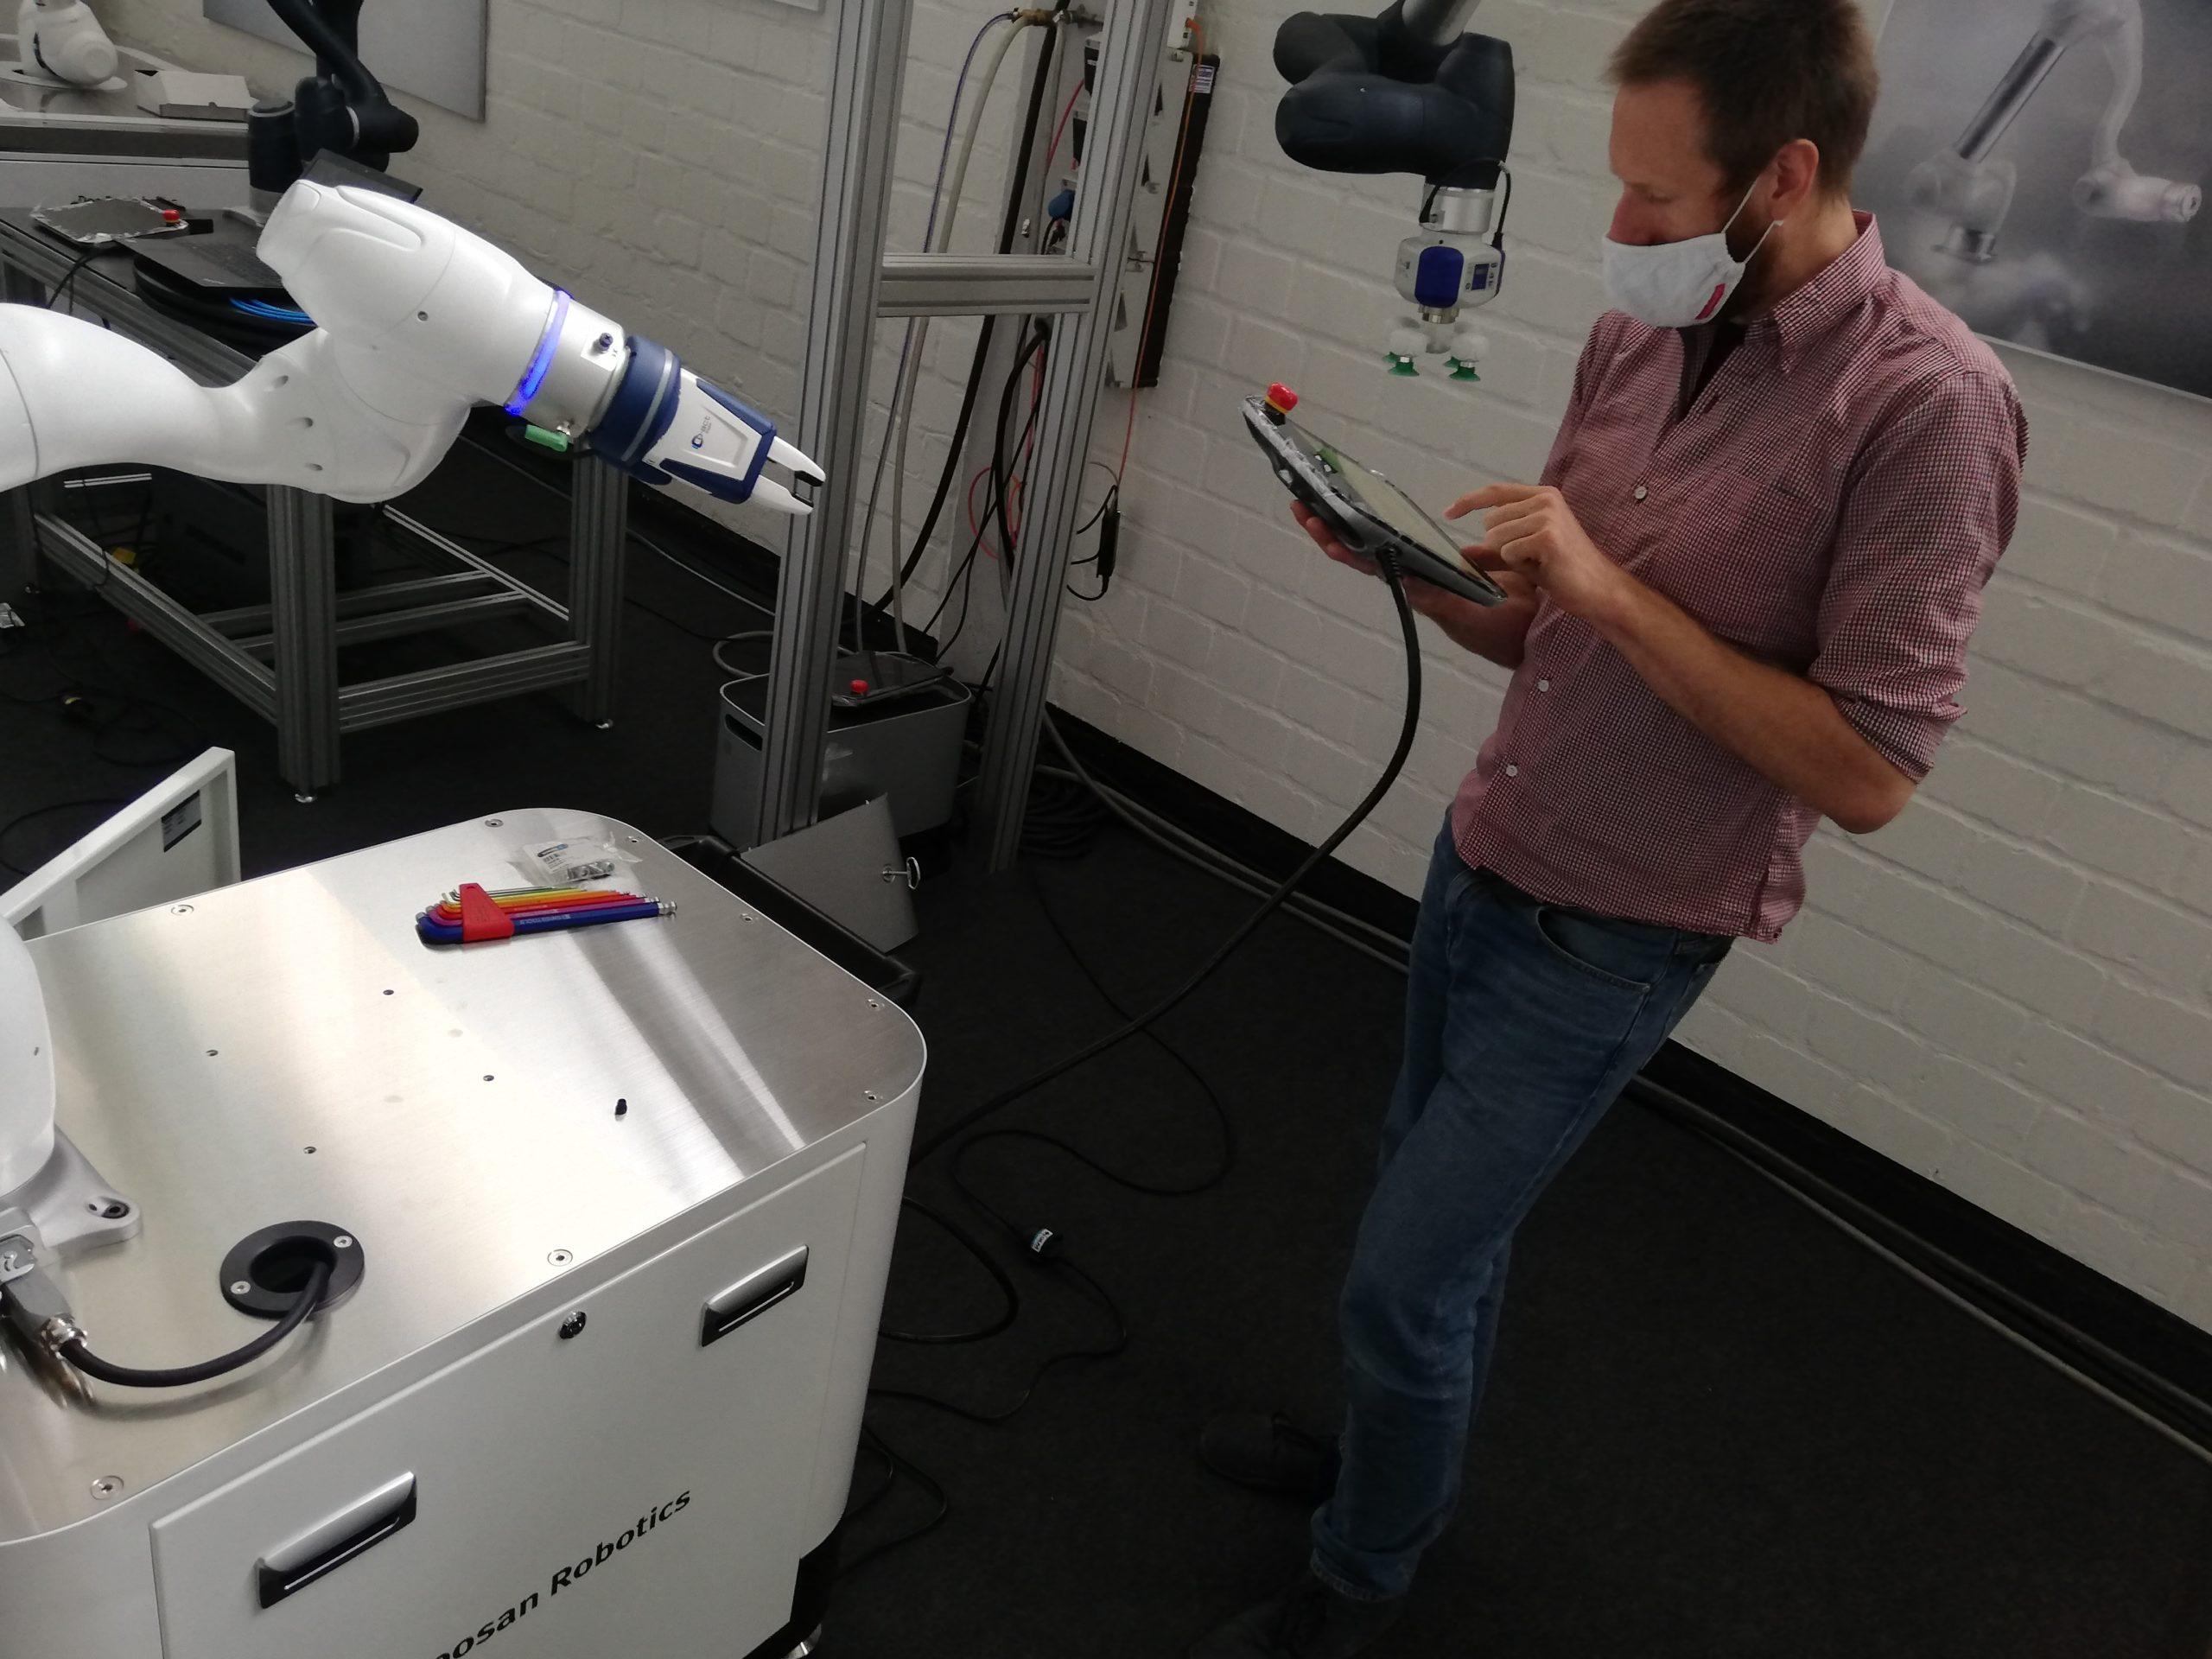 Gratis Roboter testen Doosan Robotics Termin bei Kunden Trial ausprobieren kostenlos Demo-Roboter Roboterschulung